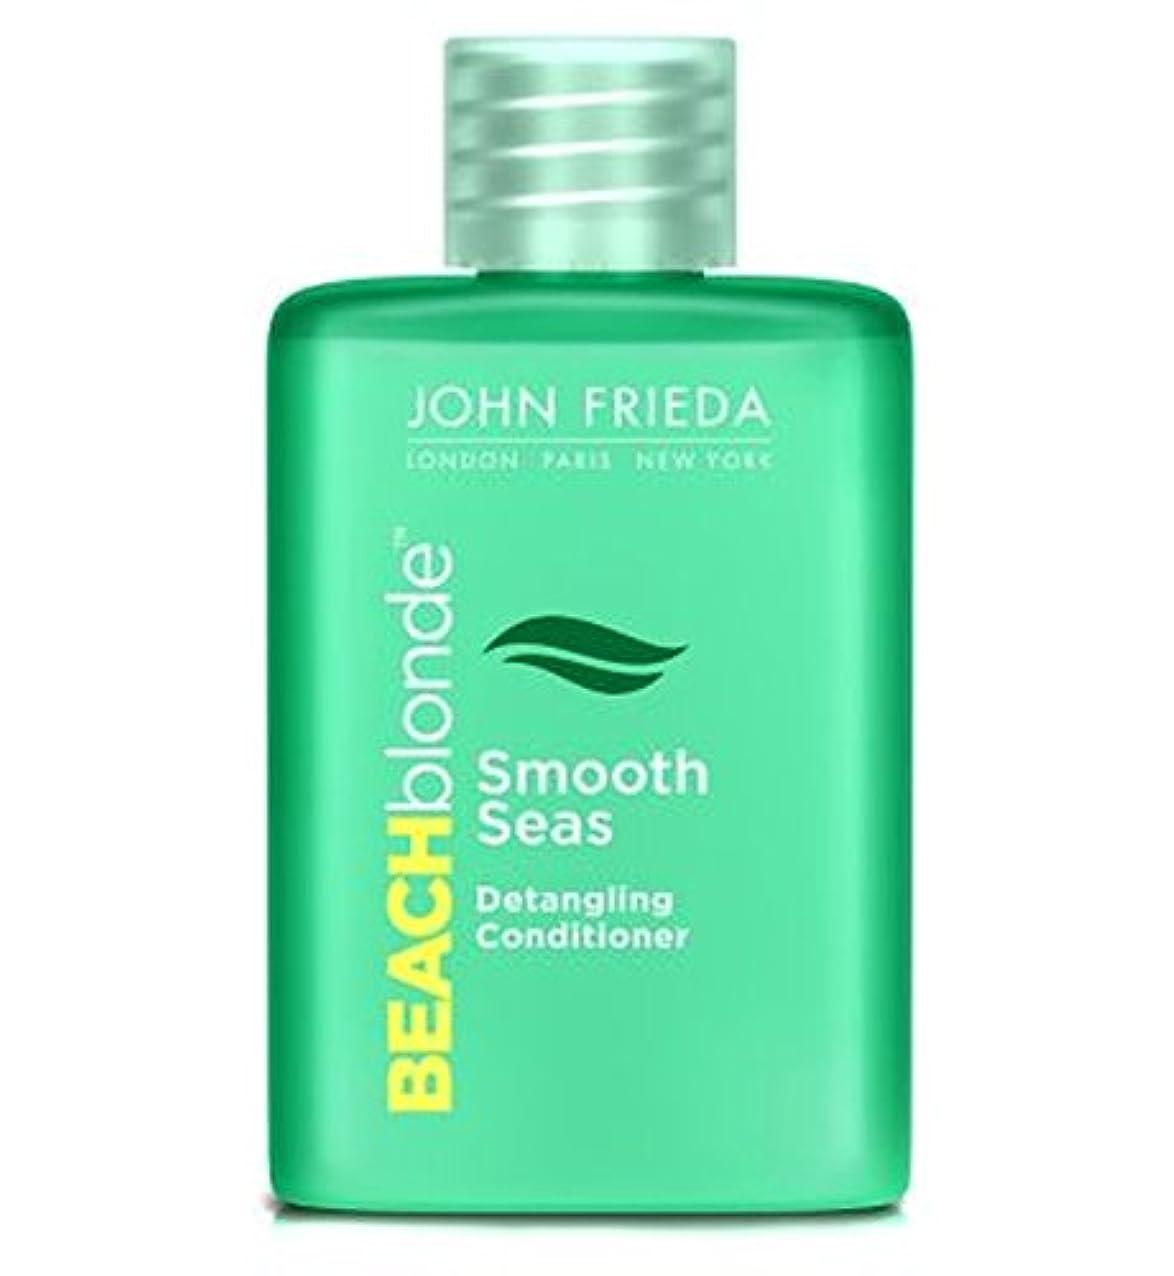 アリス暴動シャトルJohn Frieda? Beach Blonde Smooth Seas Detangling Conditioner 50ml - コンディショナー50ミリリットルをもつれ解除ジョンFrieda?ビーチブロンド滑らかな海 (John Frieda) [並行輸入品]